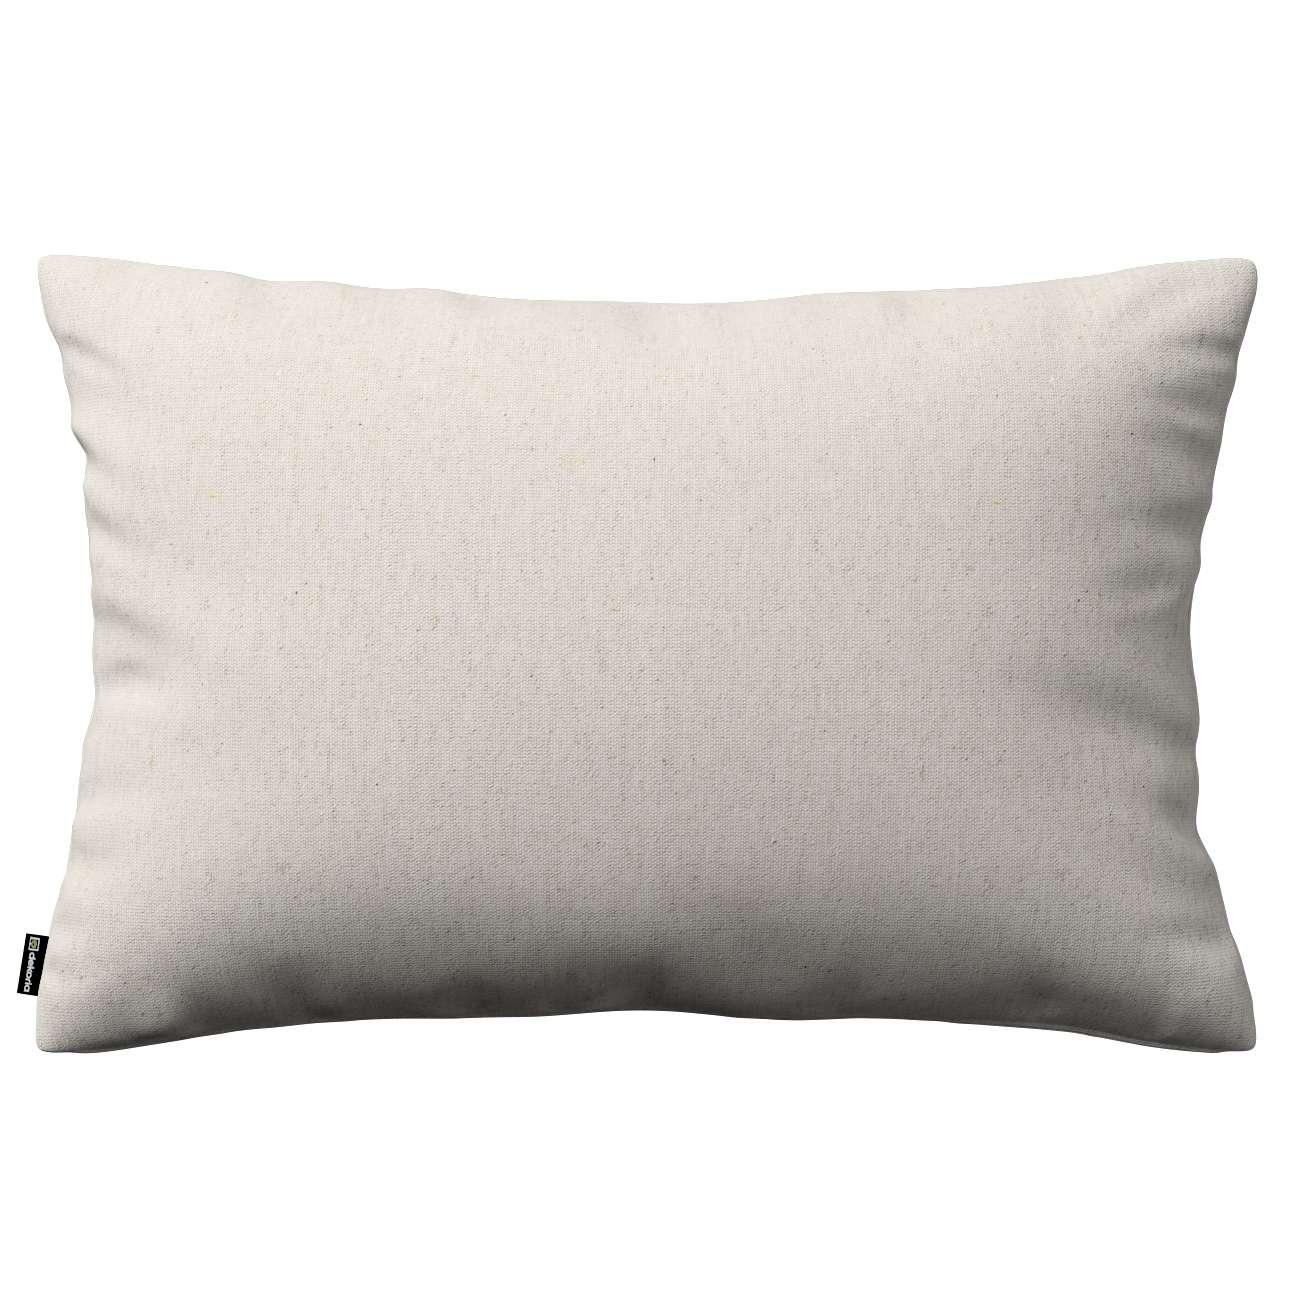 Kinga dekoratyvinės pagalvėlės užvalkalas 60x40cm 60x40cm kolekcijoje Loneta , audinys: 133-65